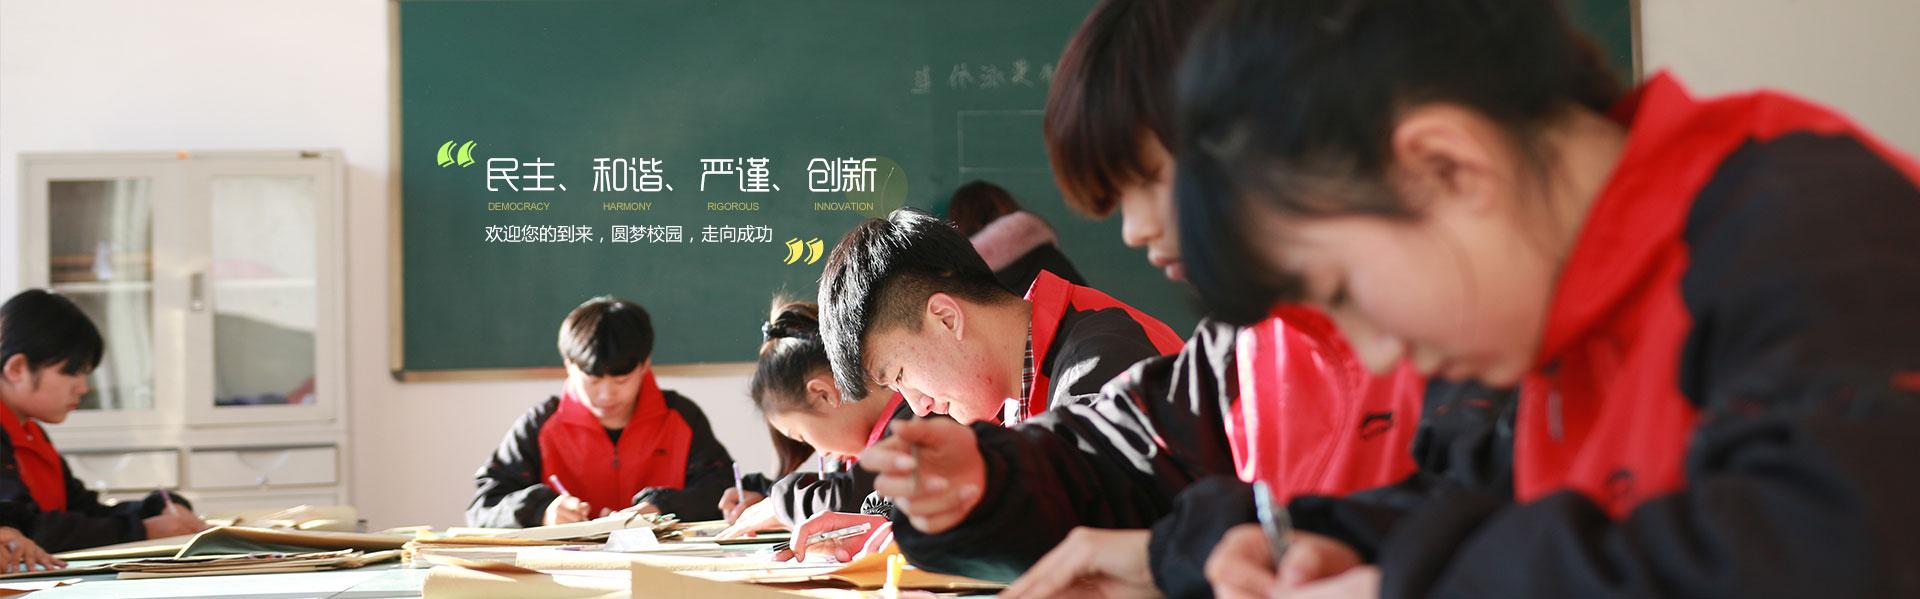 葫蘆島輕工職業技術學校